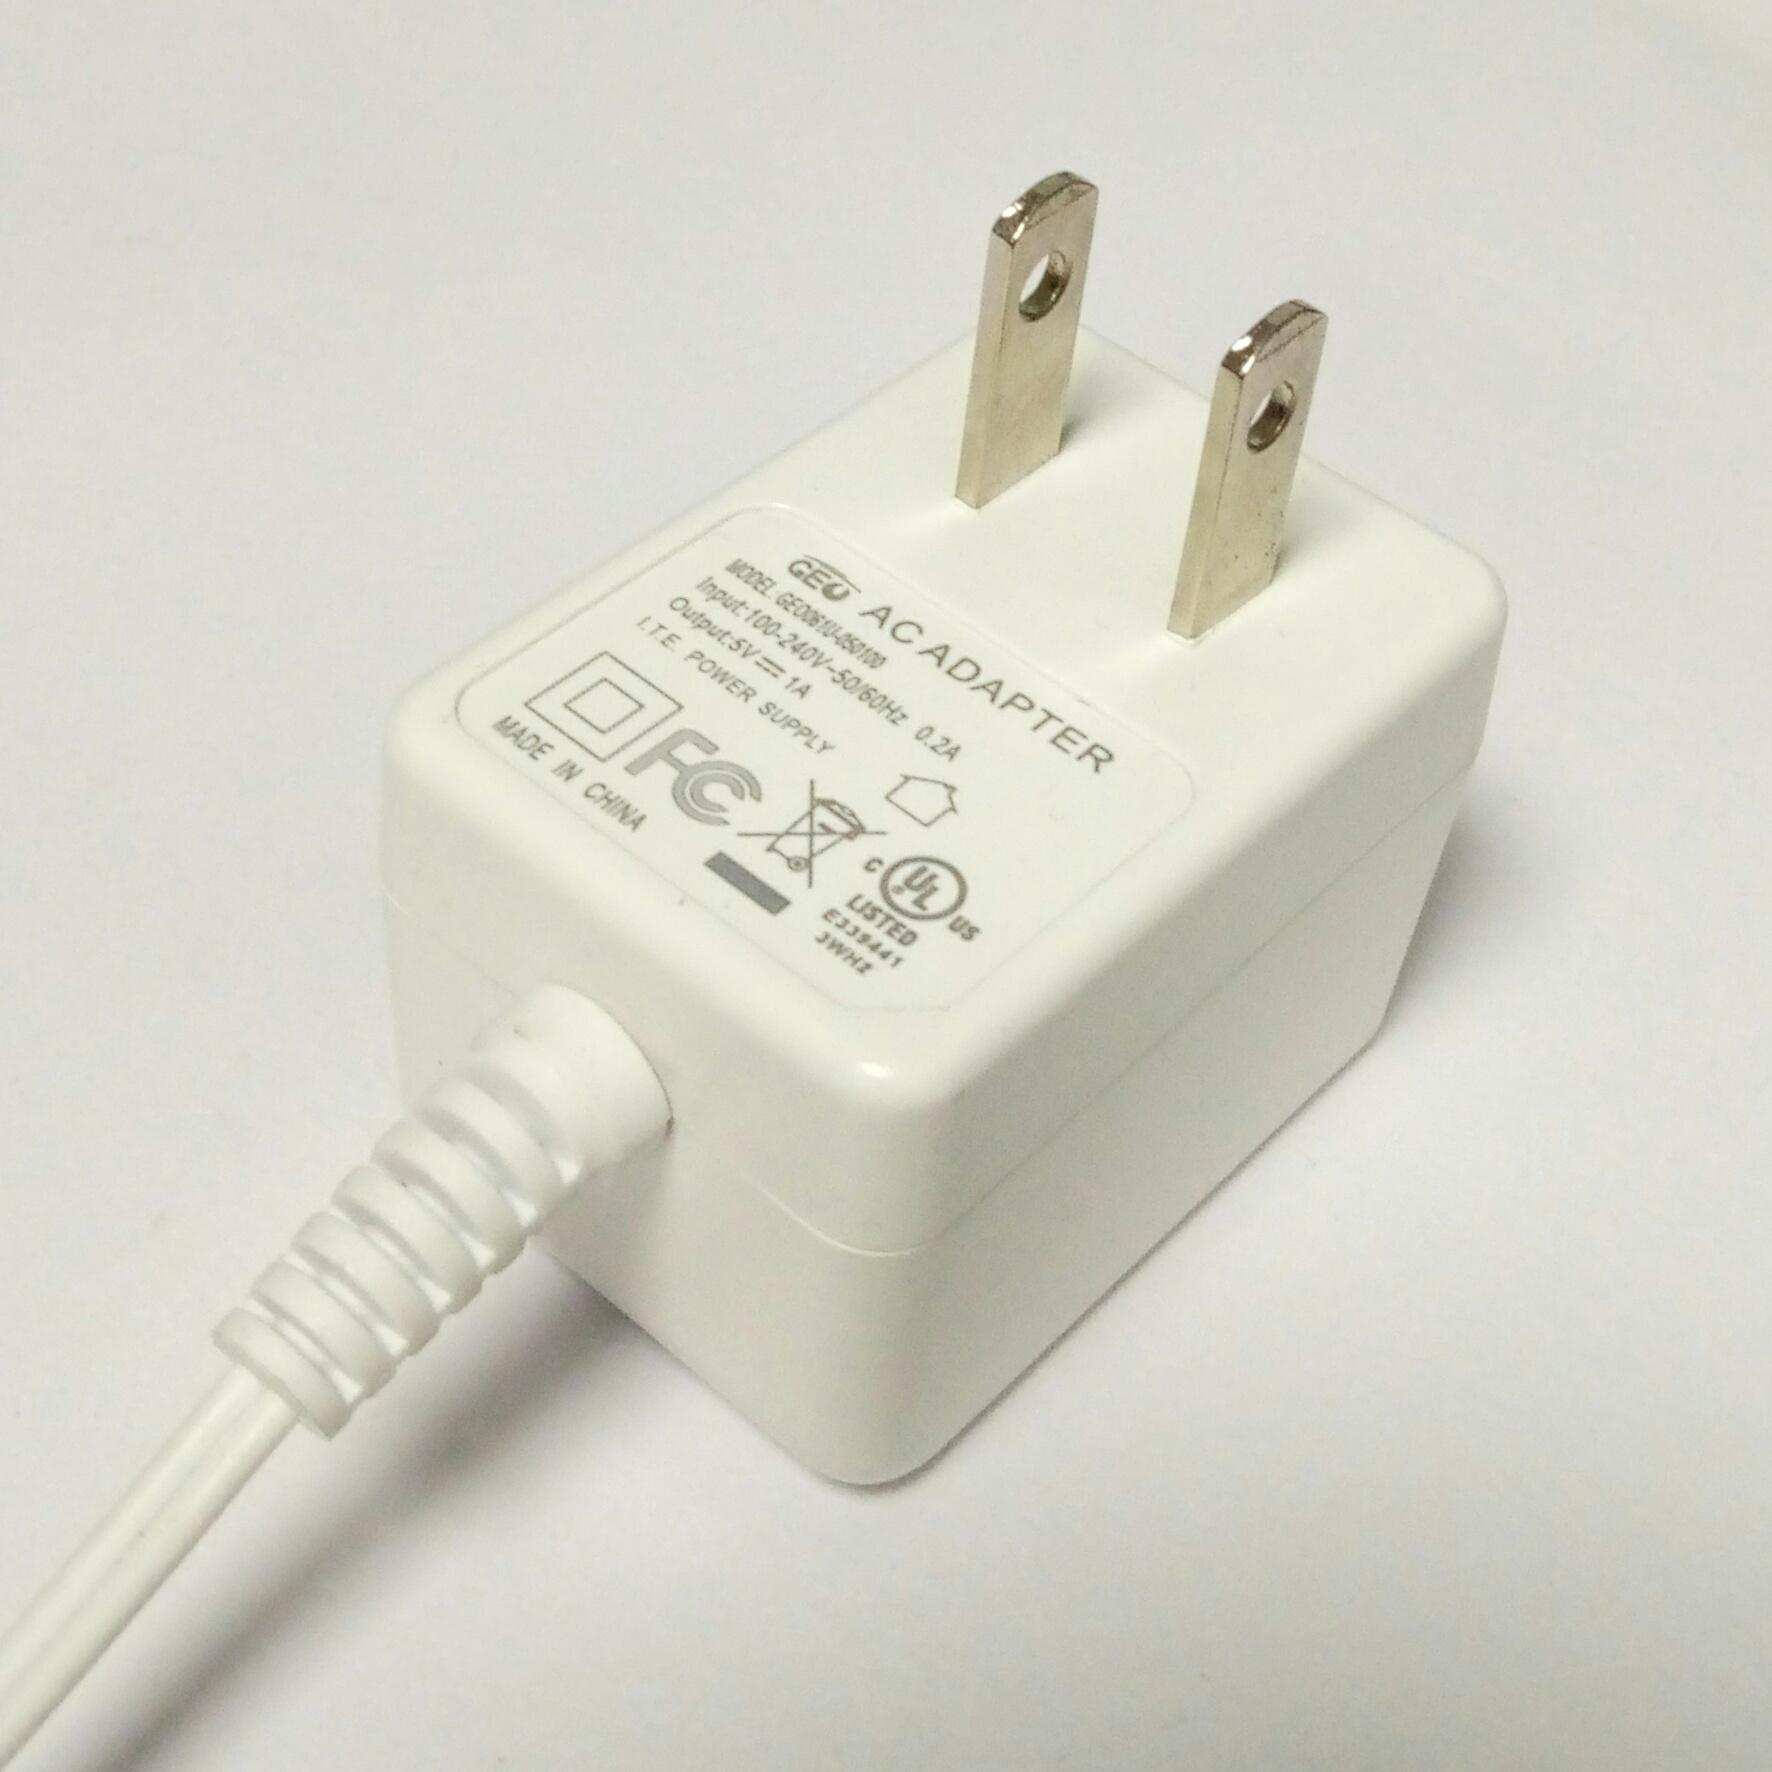 销售12V 500mA 美规开关电源,灯条电源 3